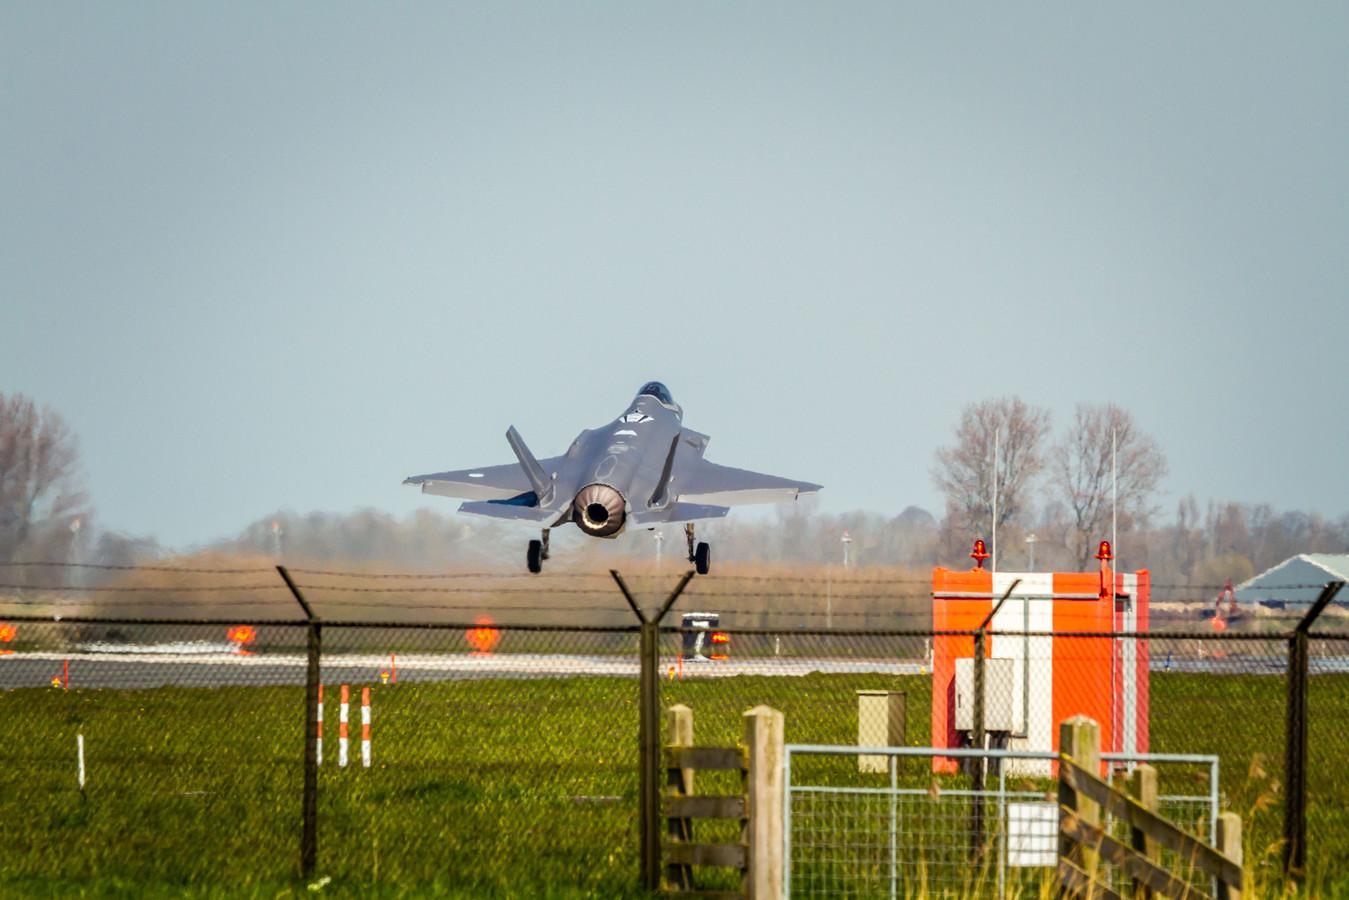 Een F-35 stijgt op van de vliegbasis in Leeuwarden. Het harde geluid van deze Joint Strike Fighter boezemt veel Friezen angst in.